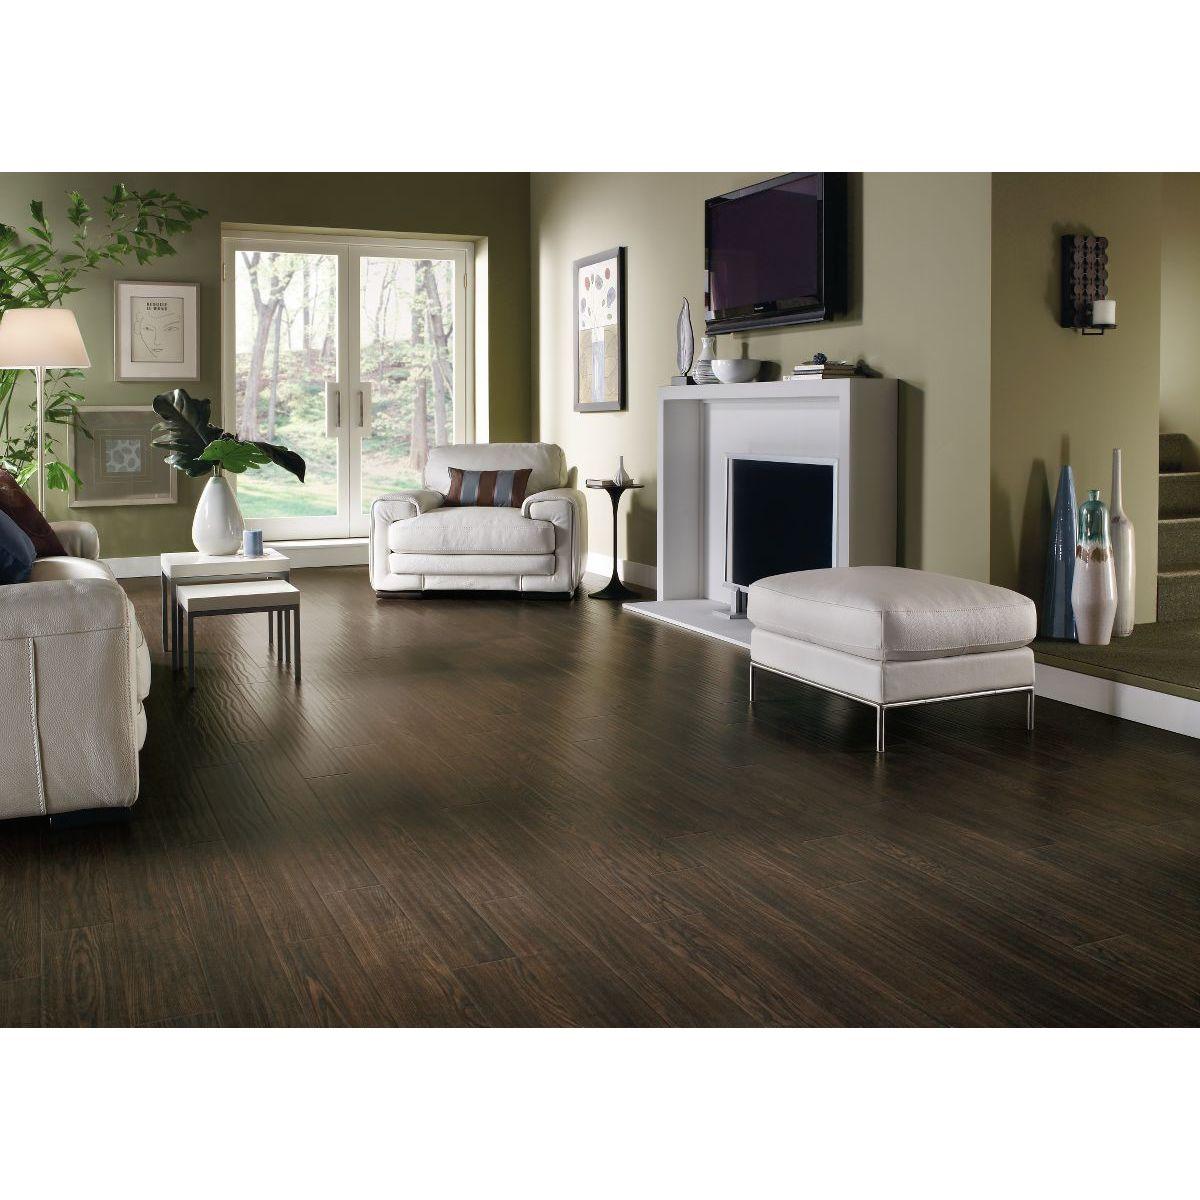 Armstrong Rustics Premium Laminate 14.01 Square Feet per ...